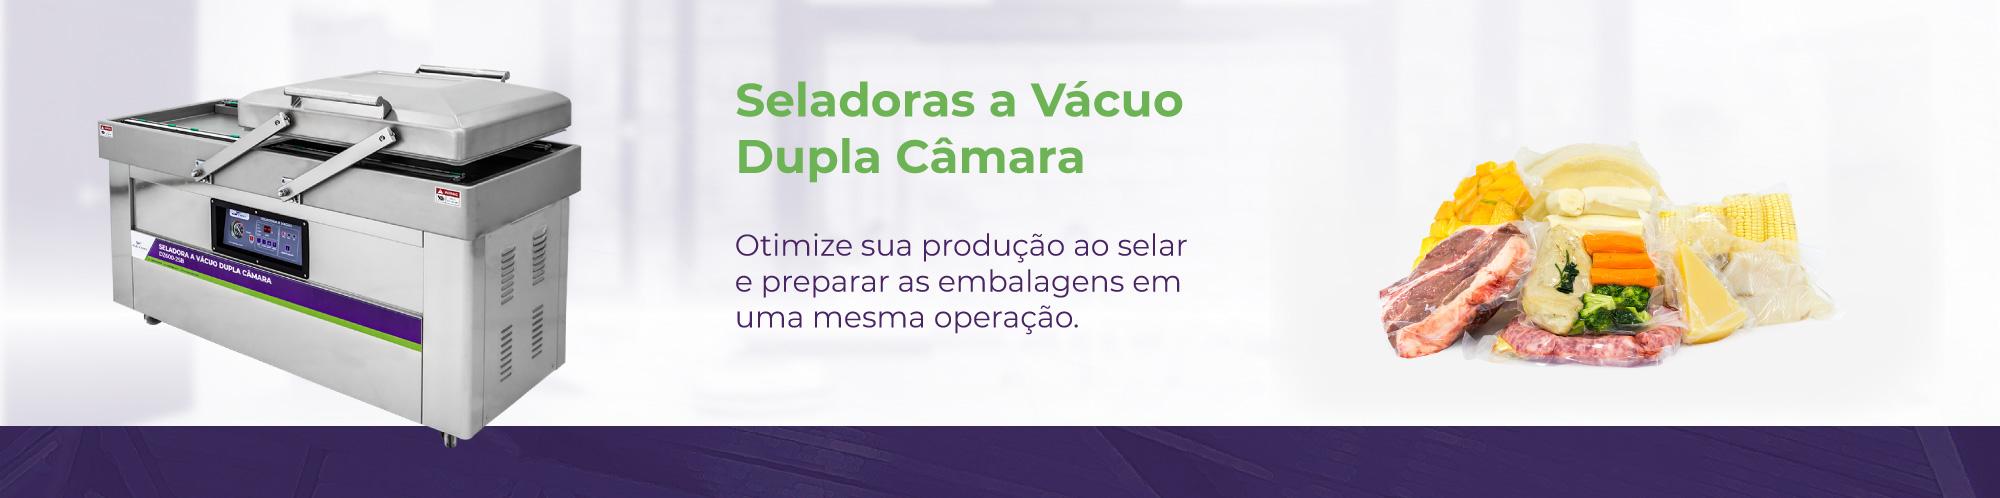 Categorias - Seladoras a Vácuo dupla câmara